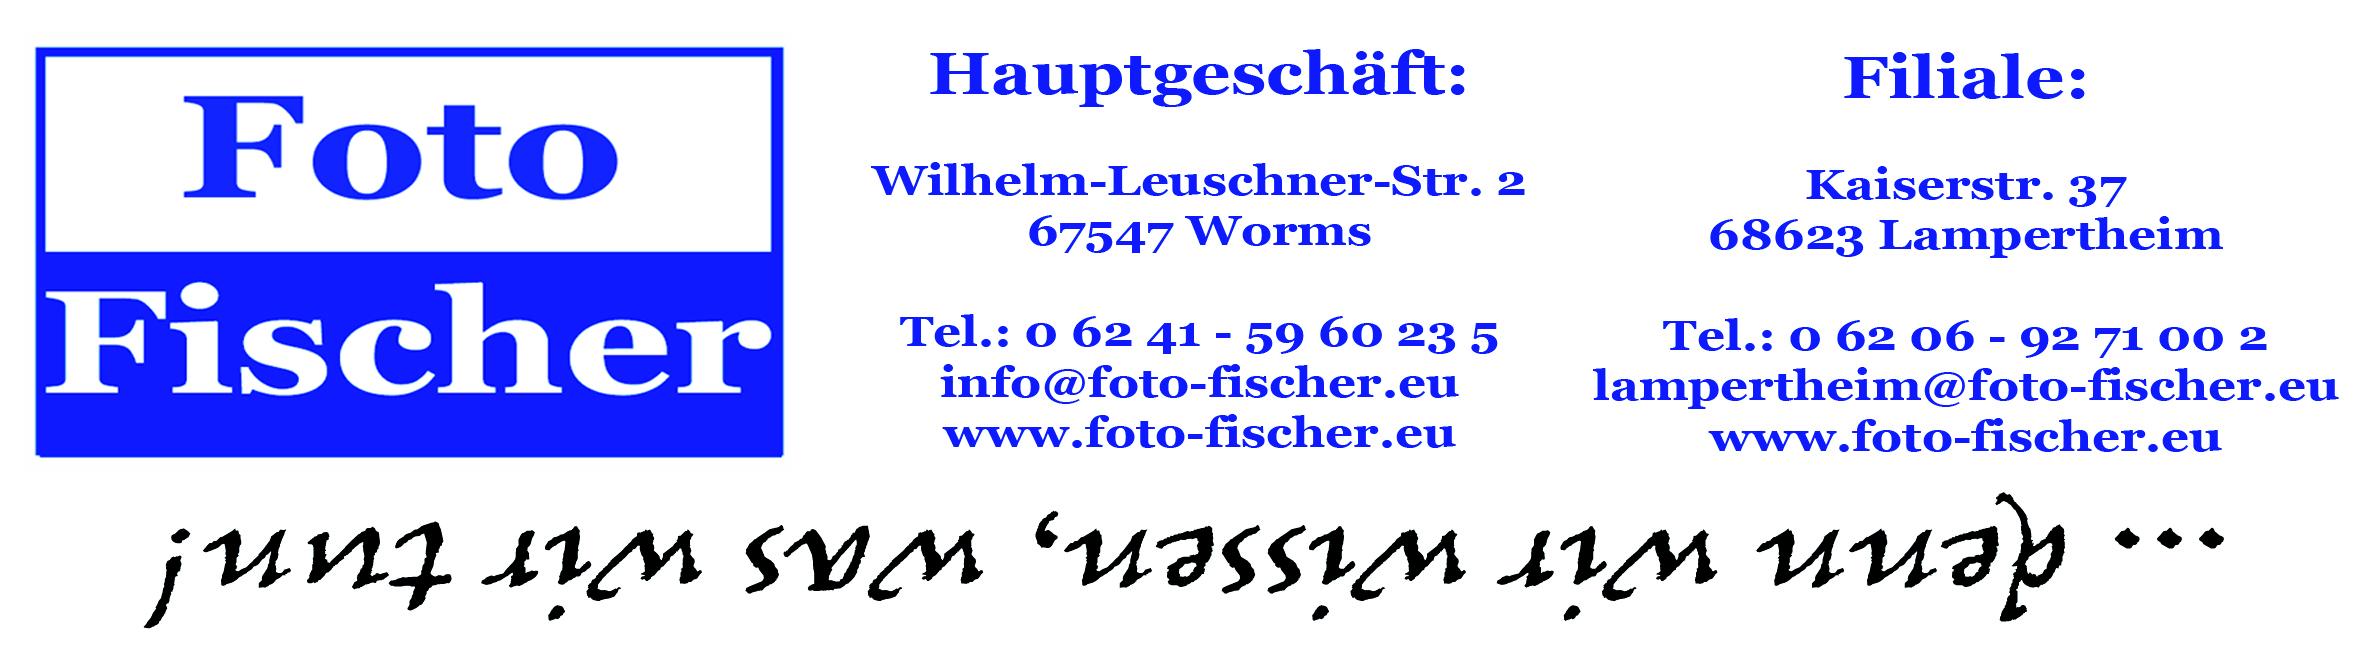 Foto-Fischer